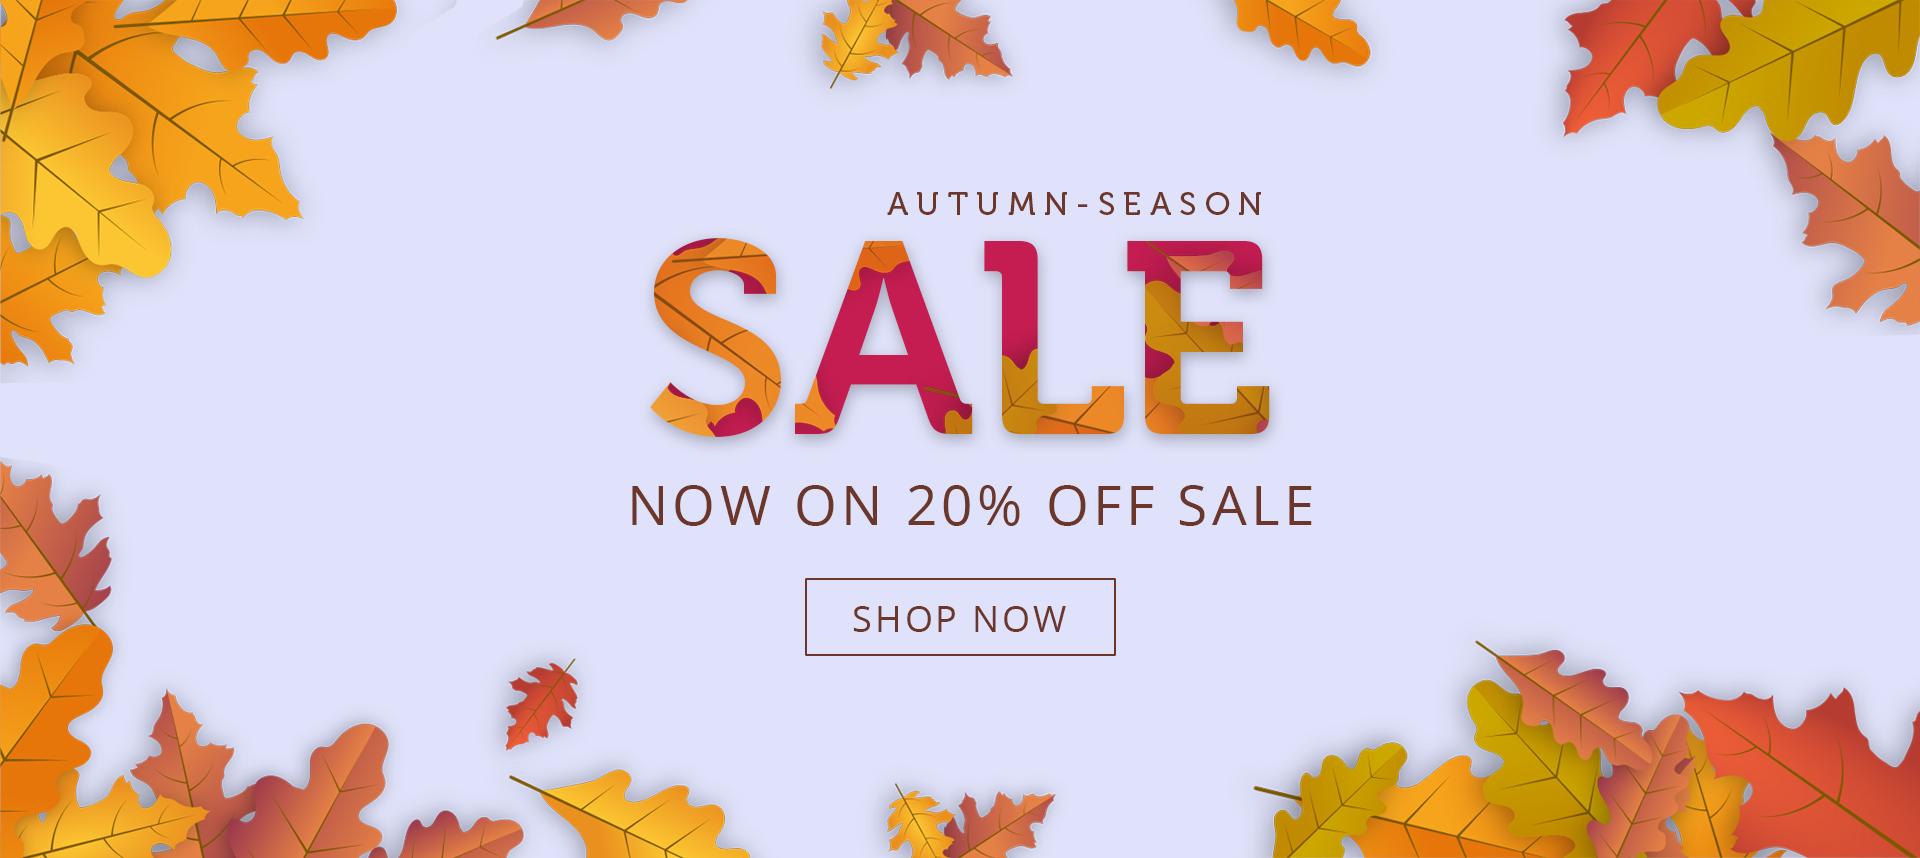 Autumn Season Sale